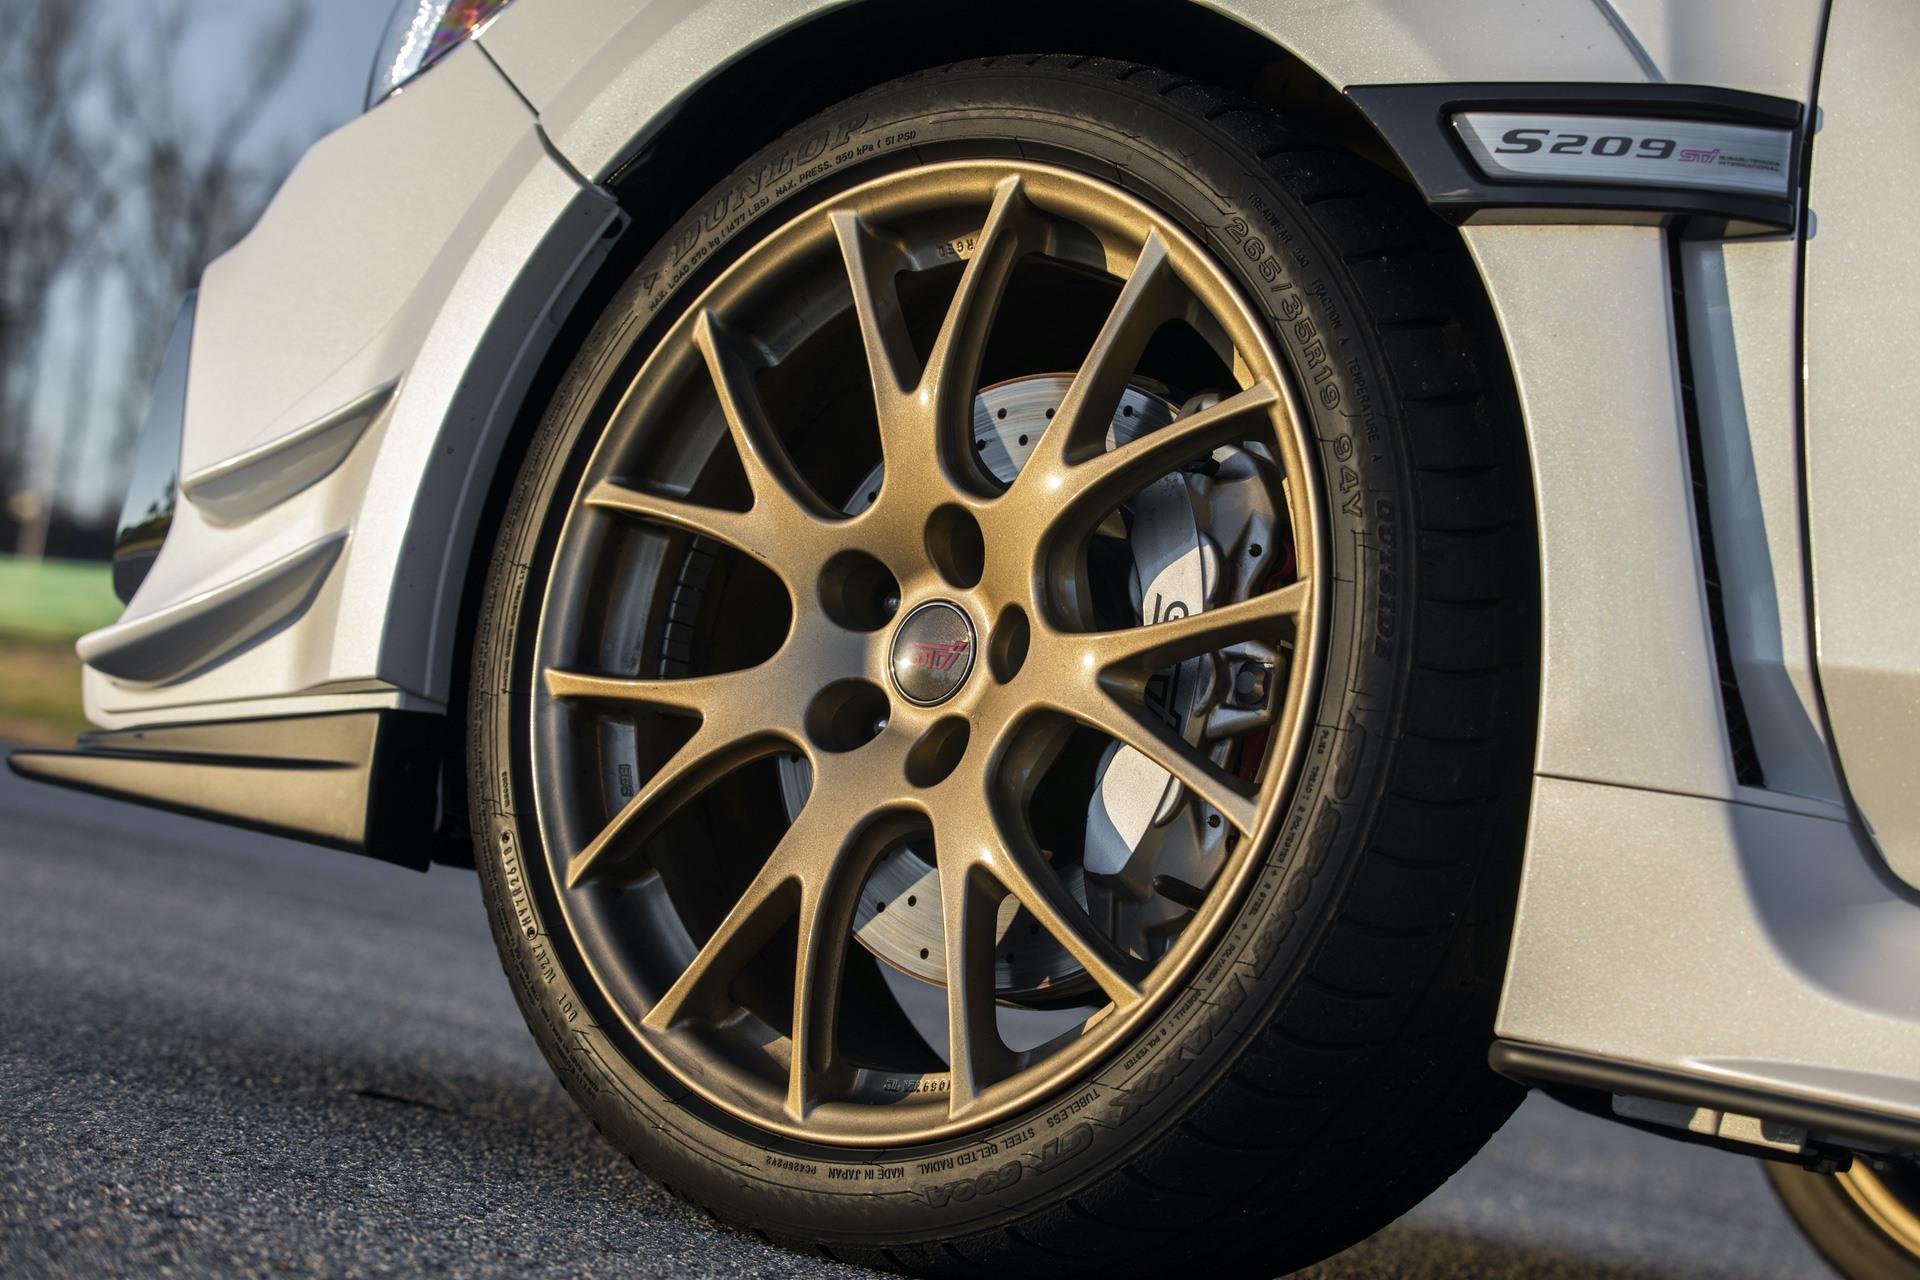 Subaru_WRX_STI_S209_0026